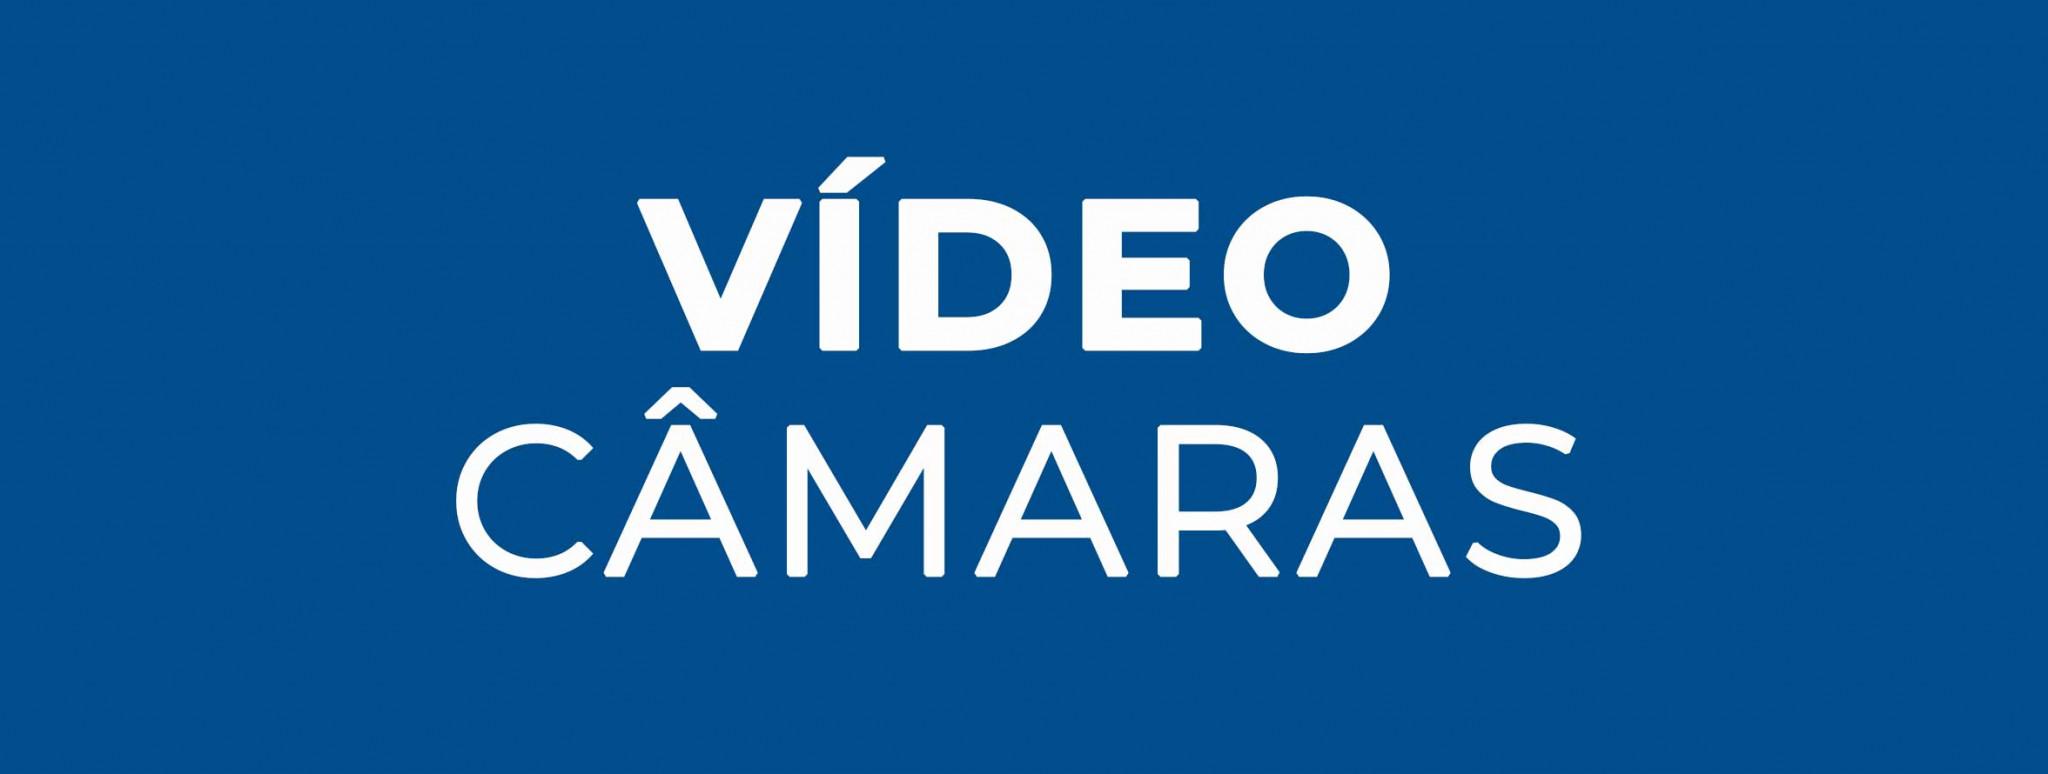 Câmaras Vídeo